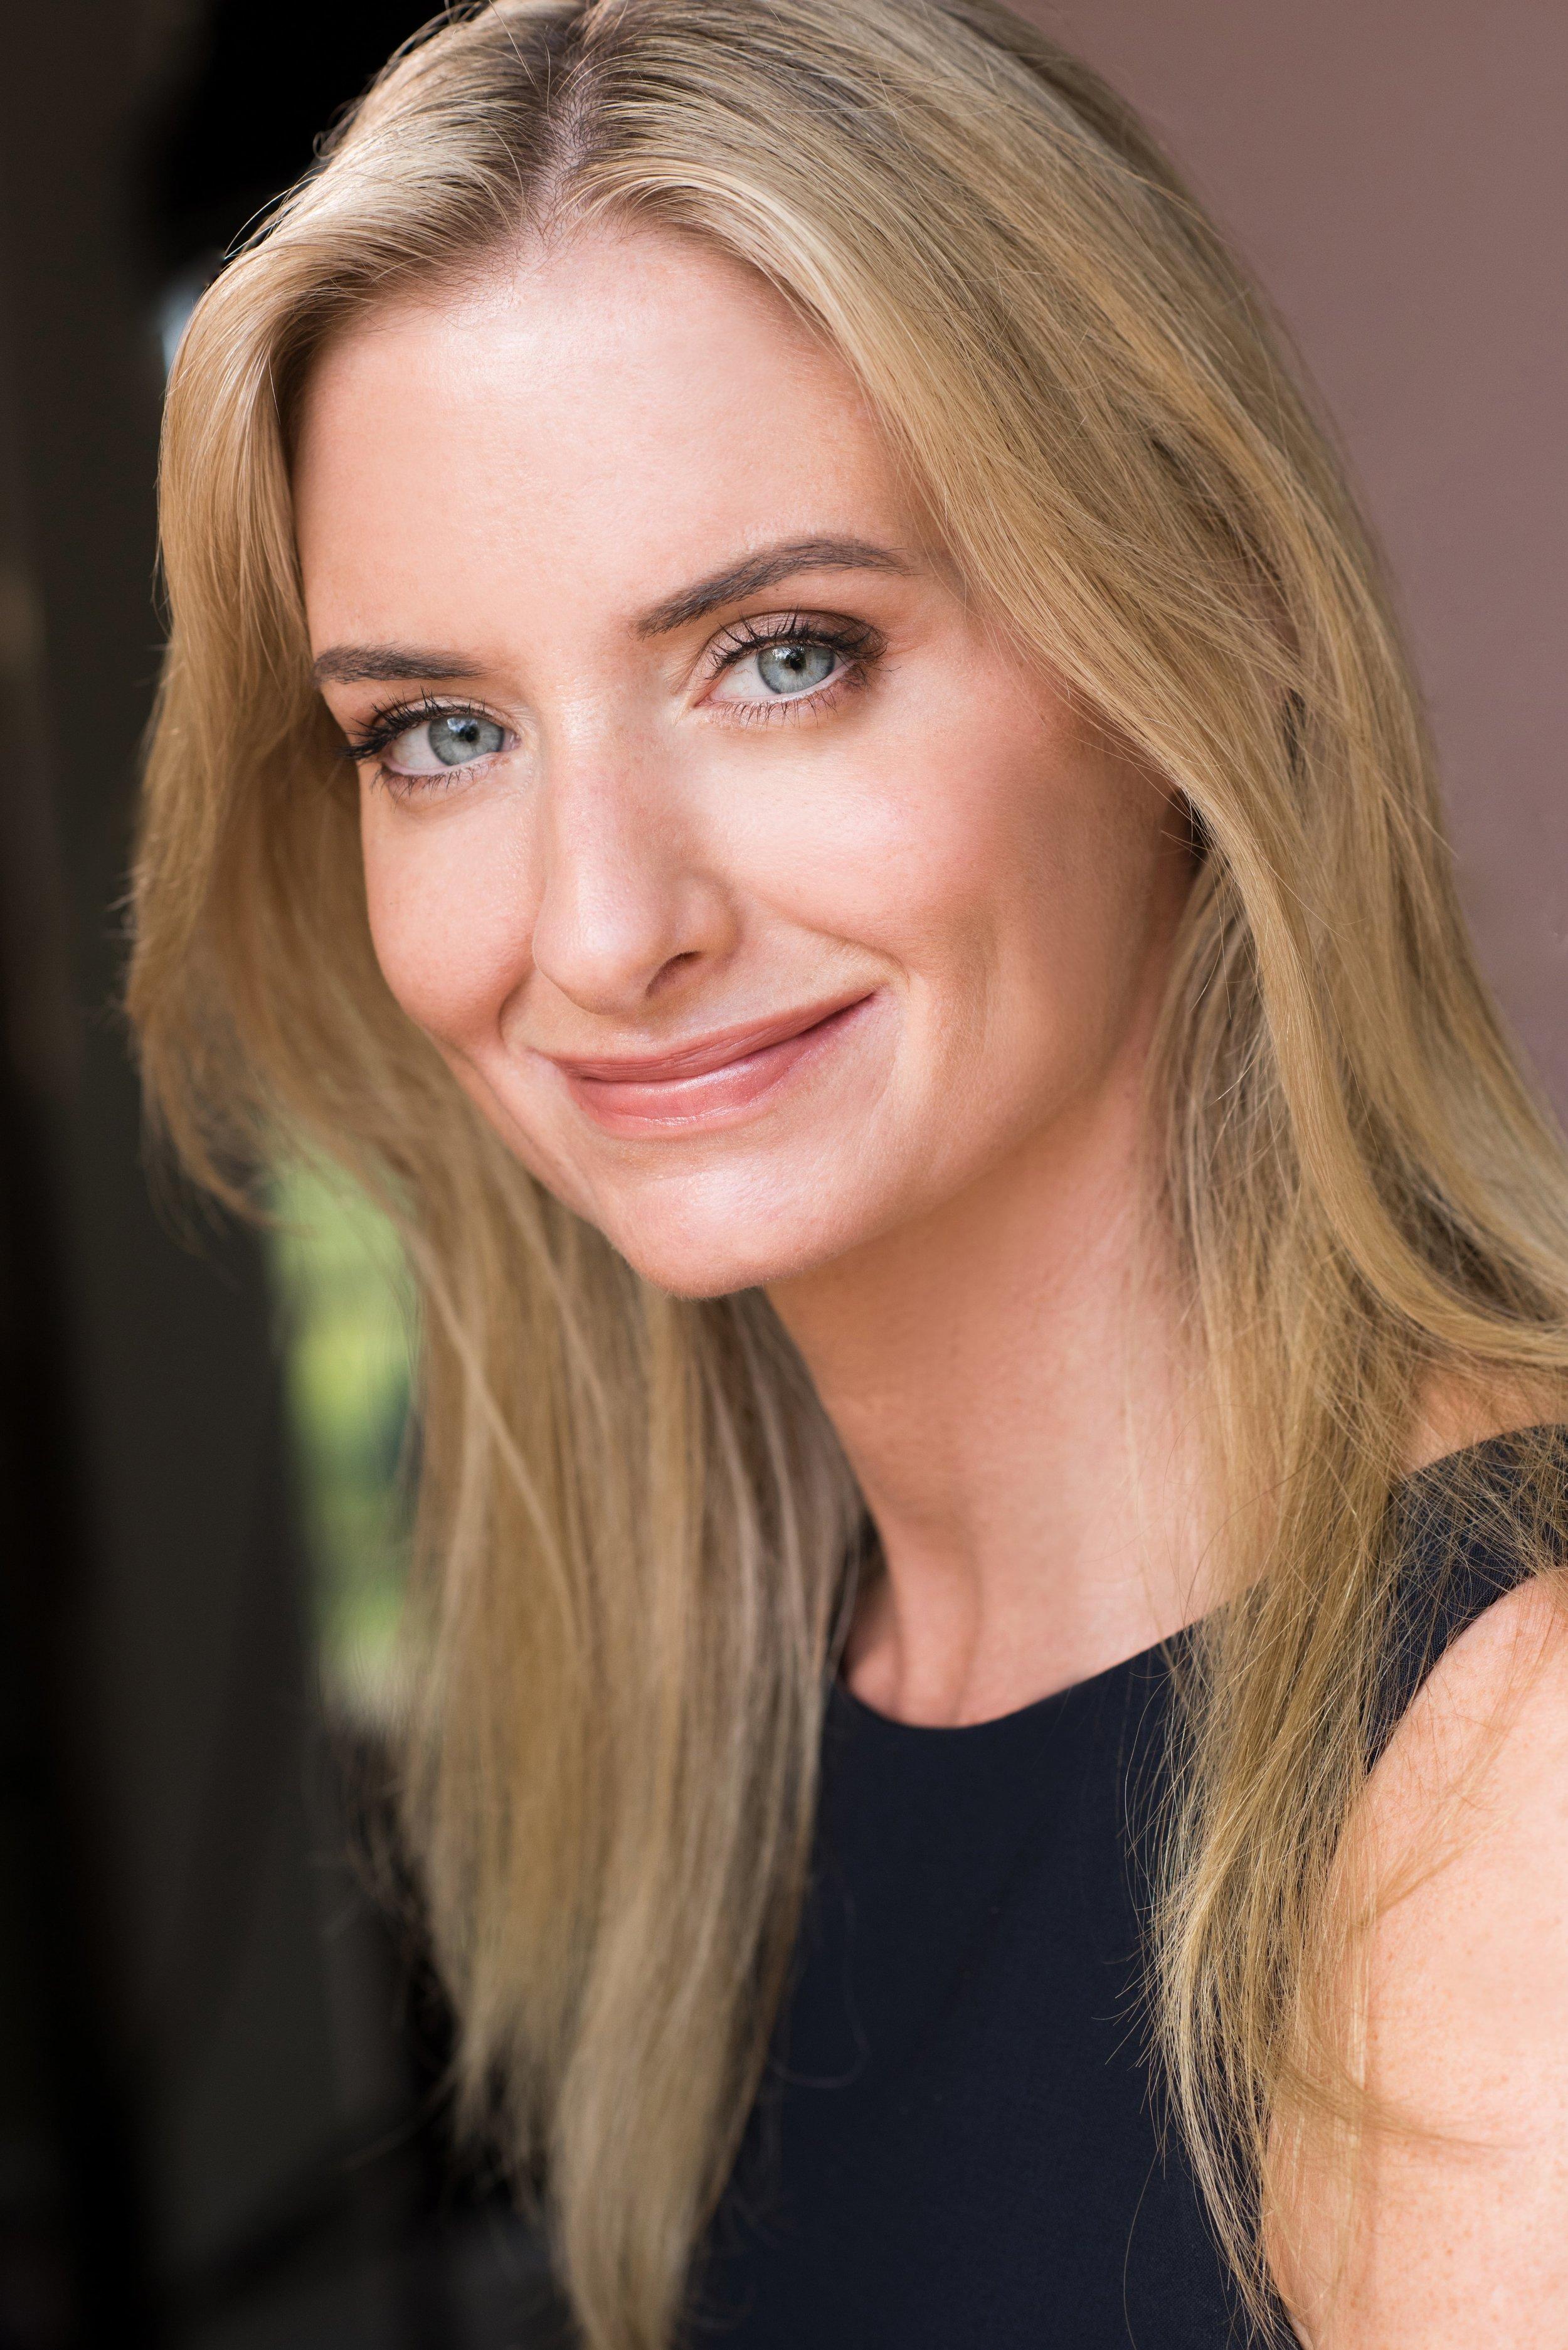 Danielle Eanet